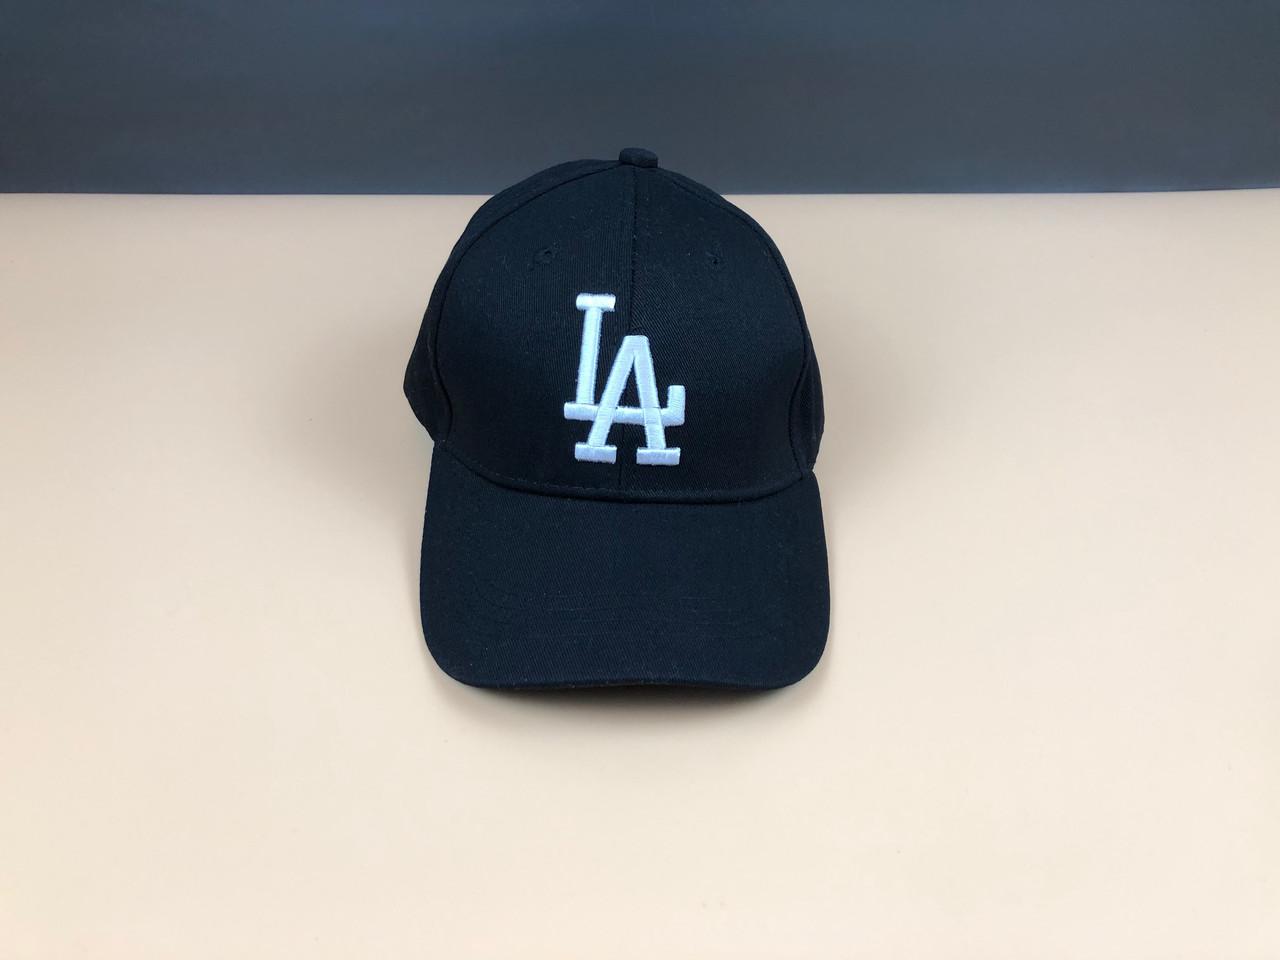 Кепка бейсболка Los Angeles LA (черная, белое лого, без наклейки)